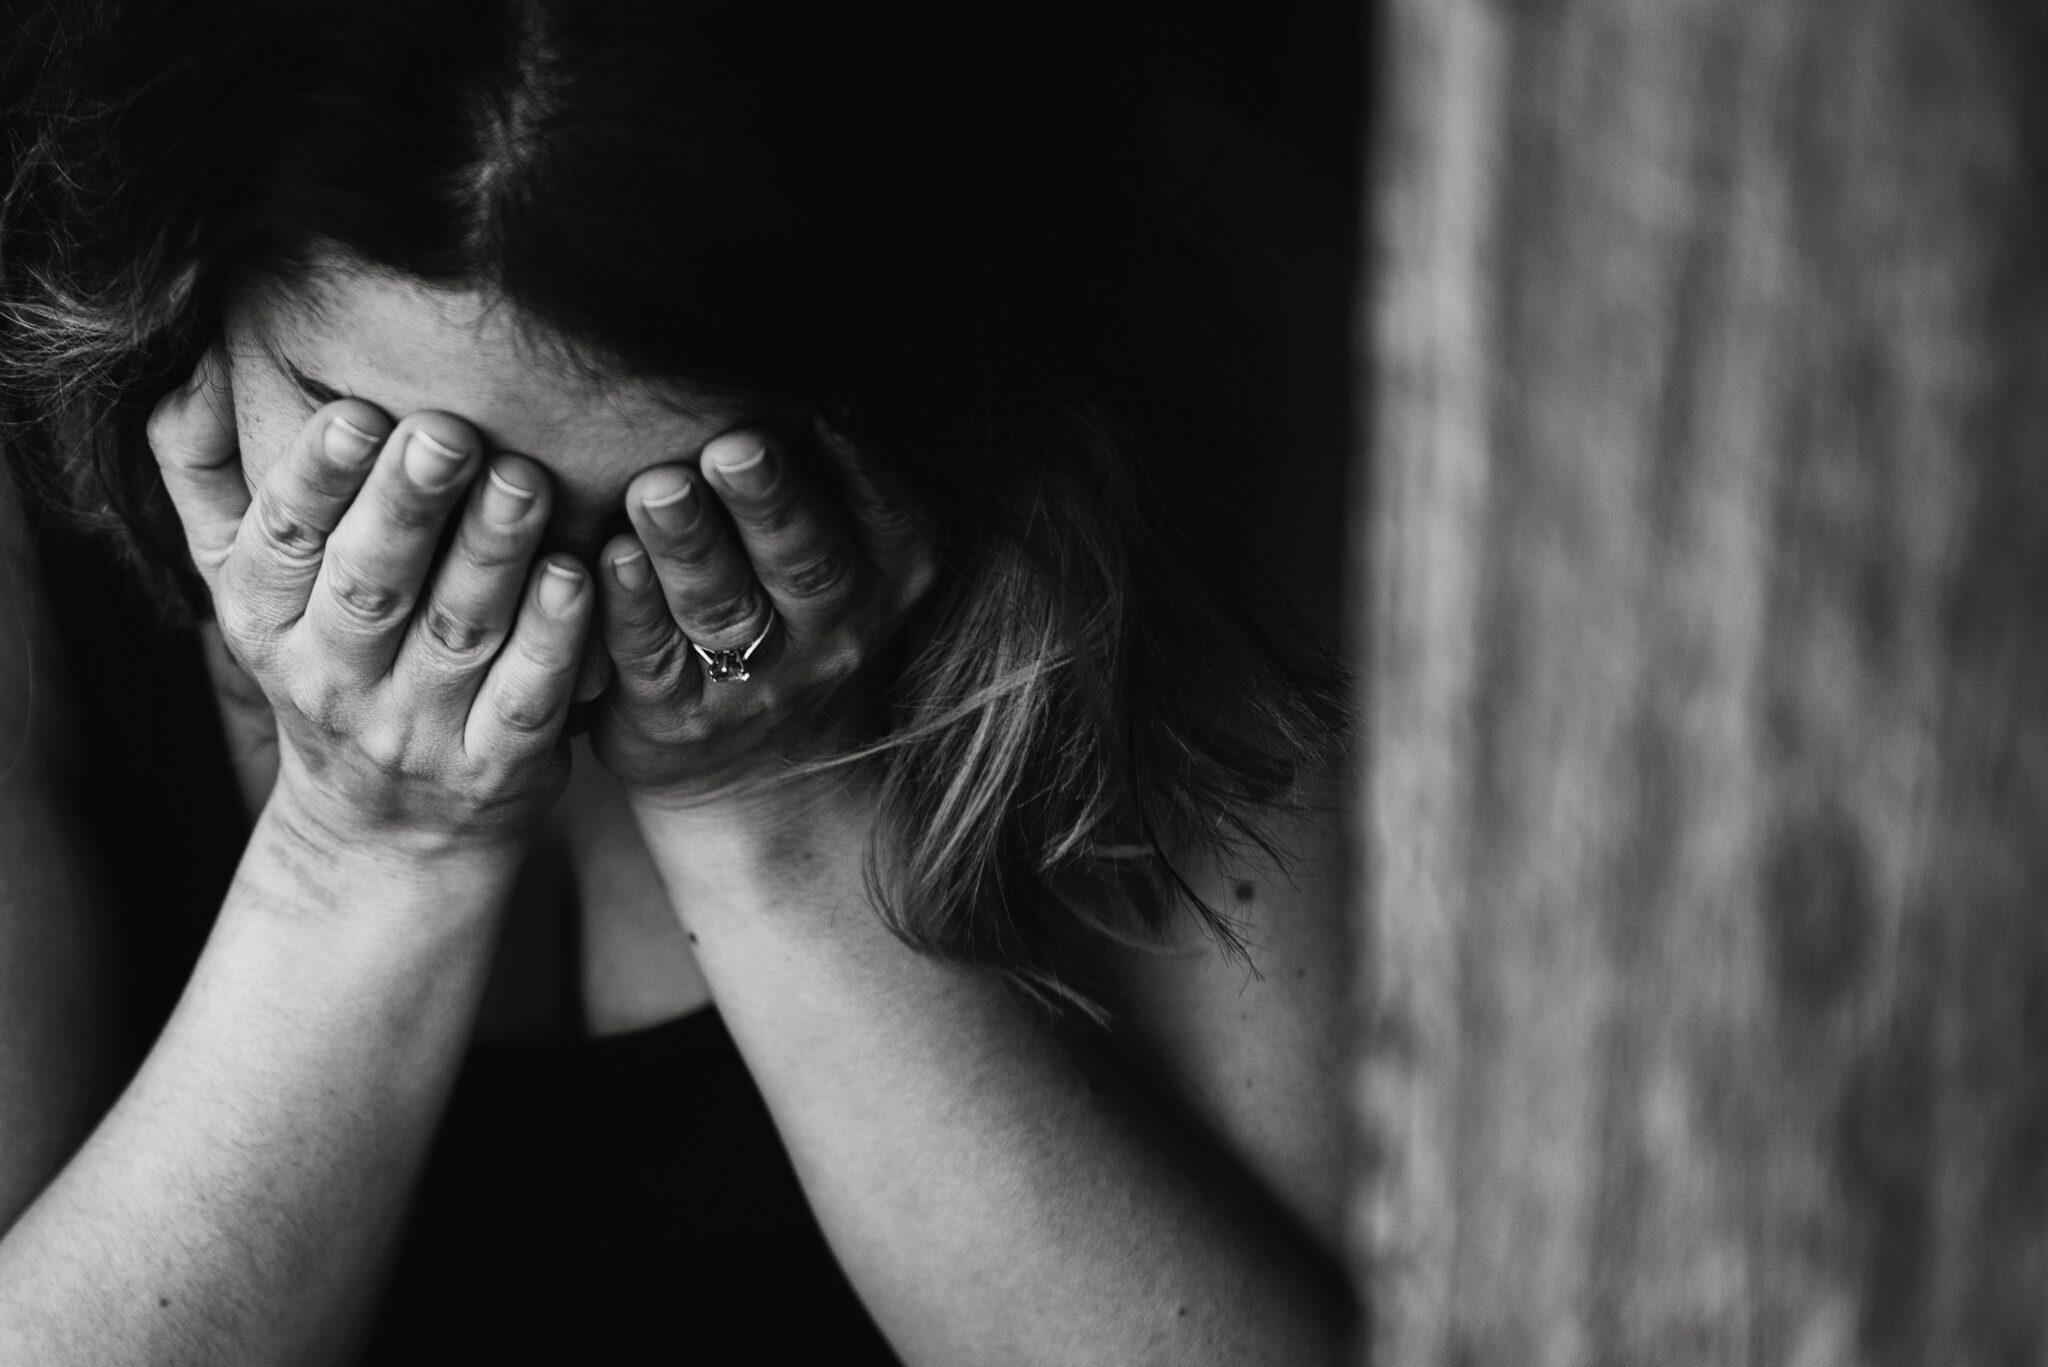 Przemoc psychiczna wobec kobiet